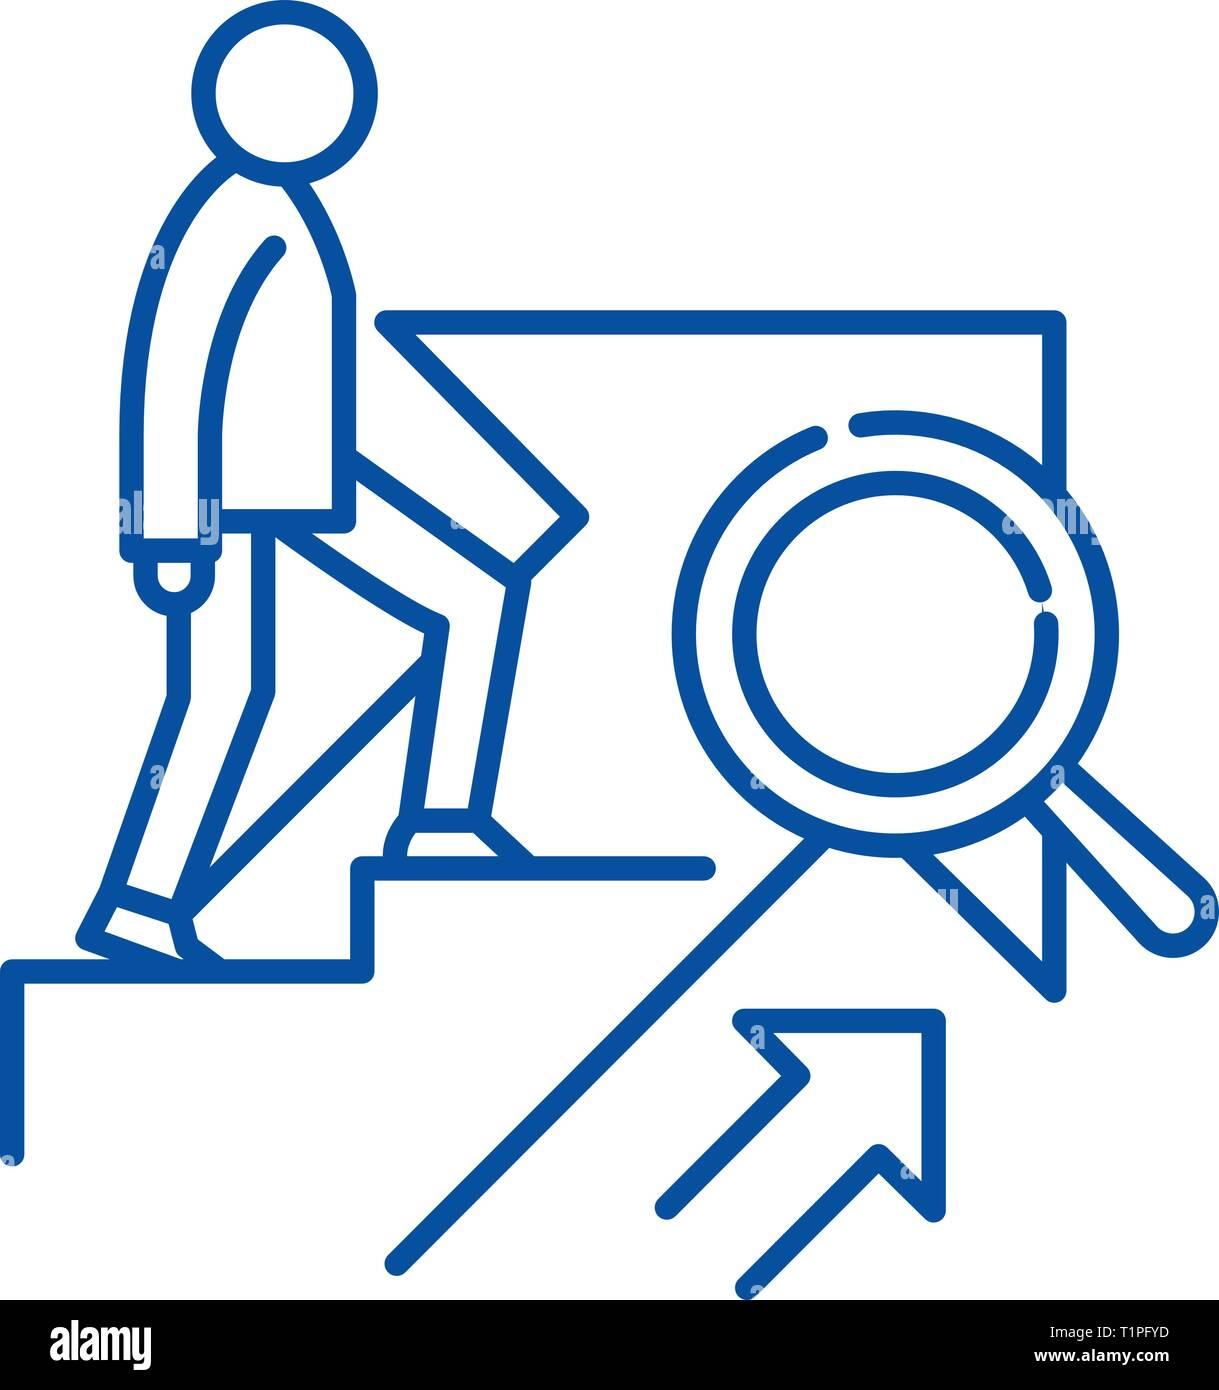 Icono de la línea de crecimiento personal concepto. Crecimiento Personal vector plana símbolo, signo, esbozo de la ilustración. Imagen De Stock